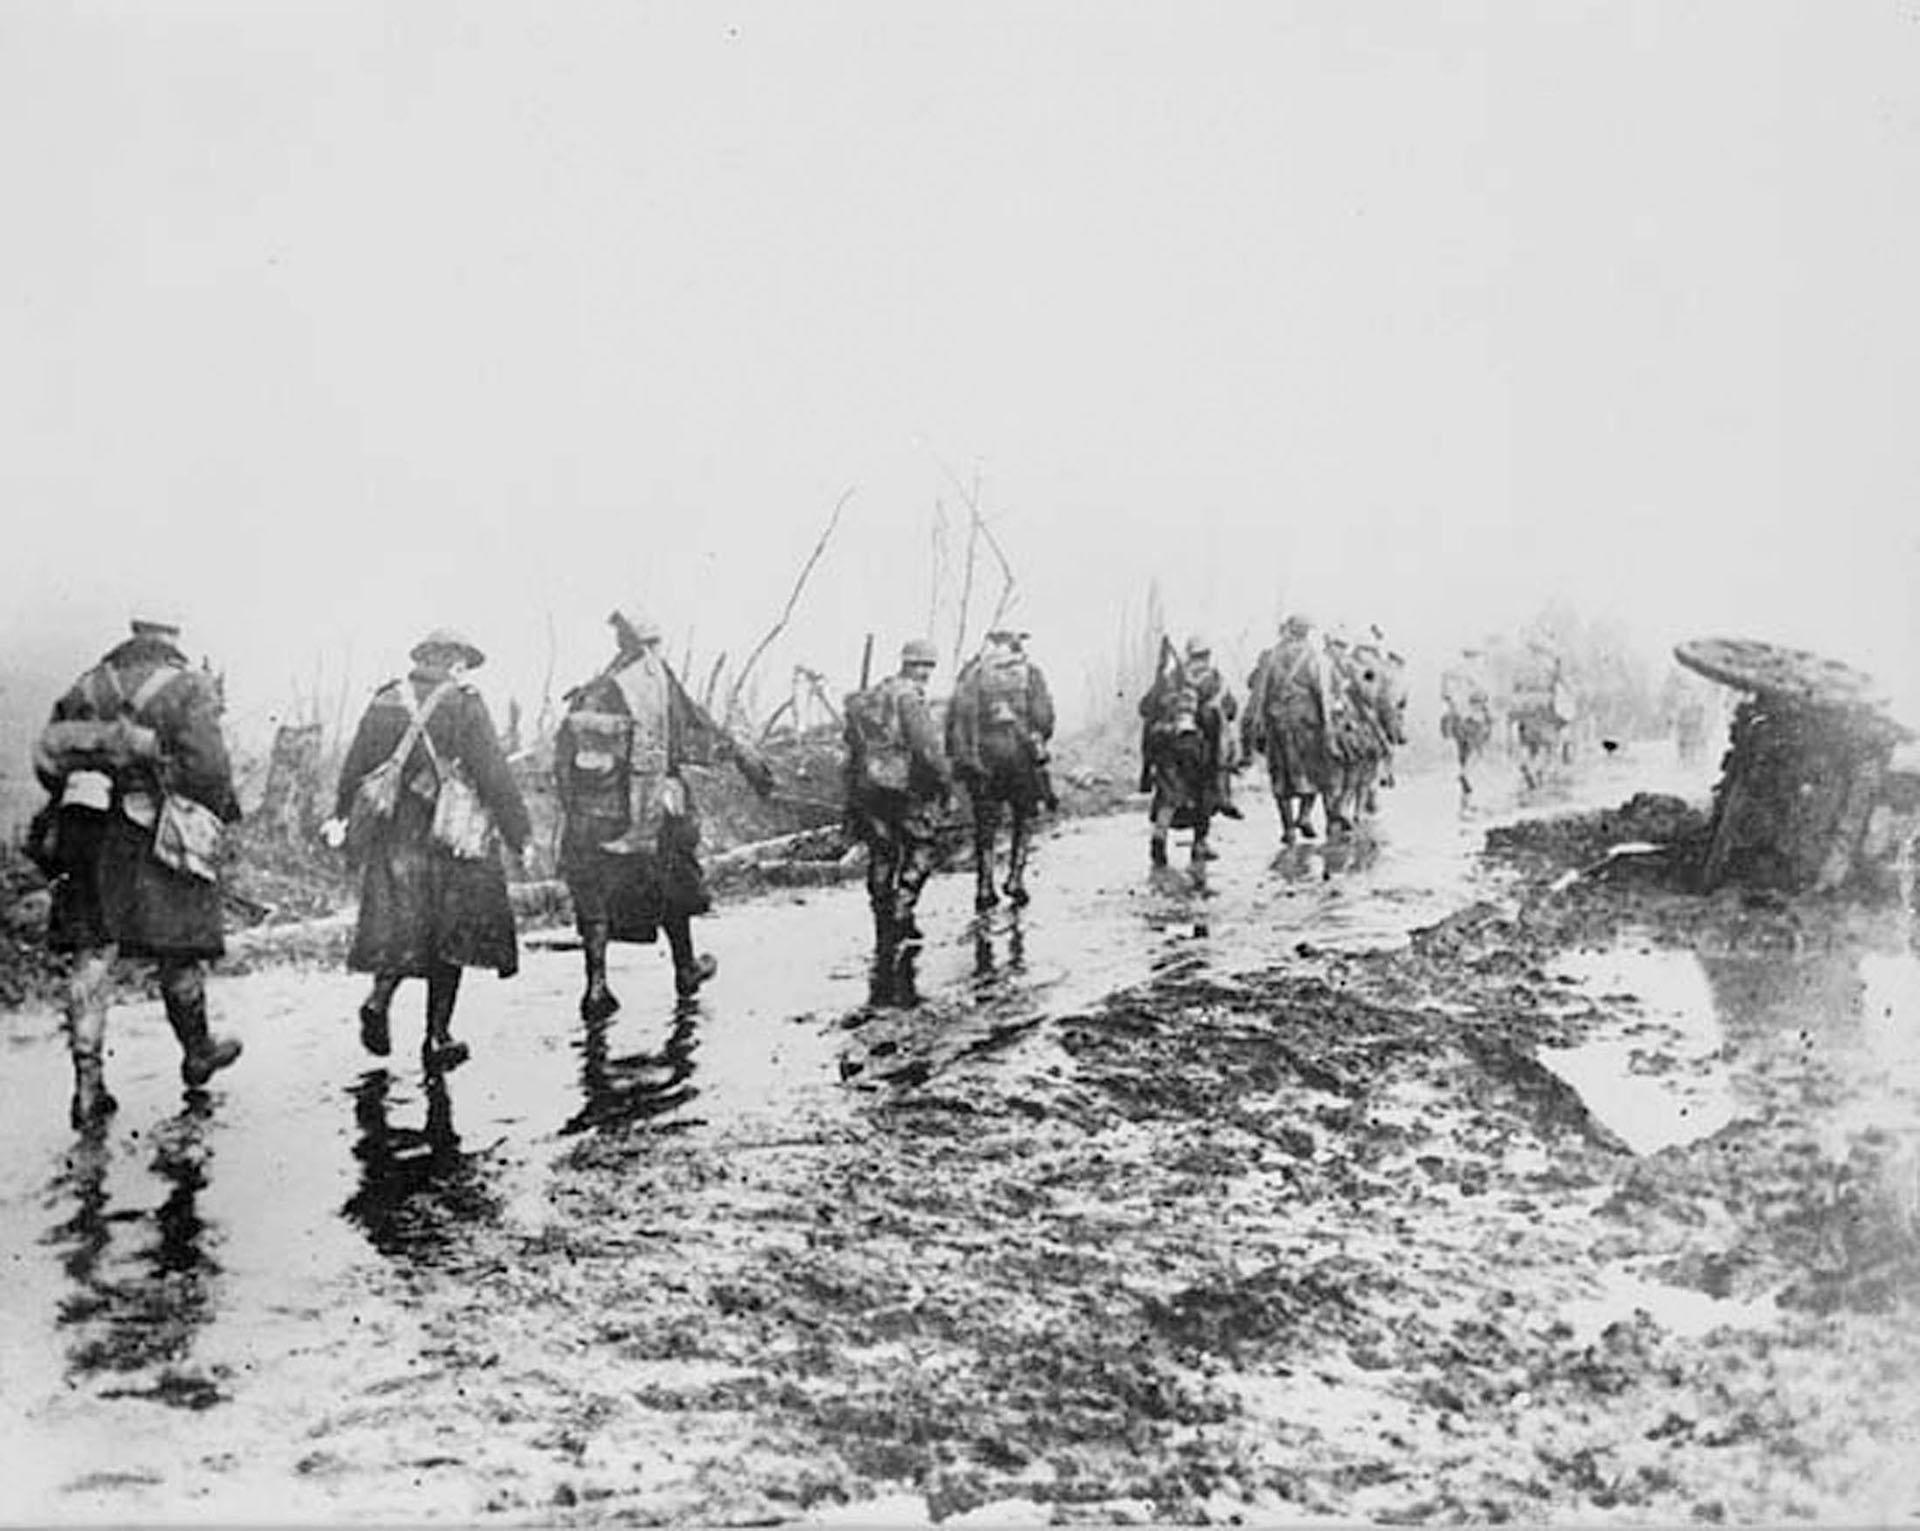 La batalla del Somme pretendía ser la gran ofensiva que cambiara el curso de la guerra y, por sus inicios, casi lo fue. Los aliados pensaban que aquello dejaría el frente alemán expedito, pero el primer día de avance sólo entre los británicos contaron 58.000 bajas (Reuters)